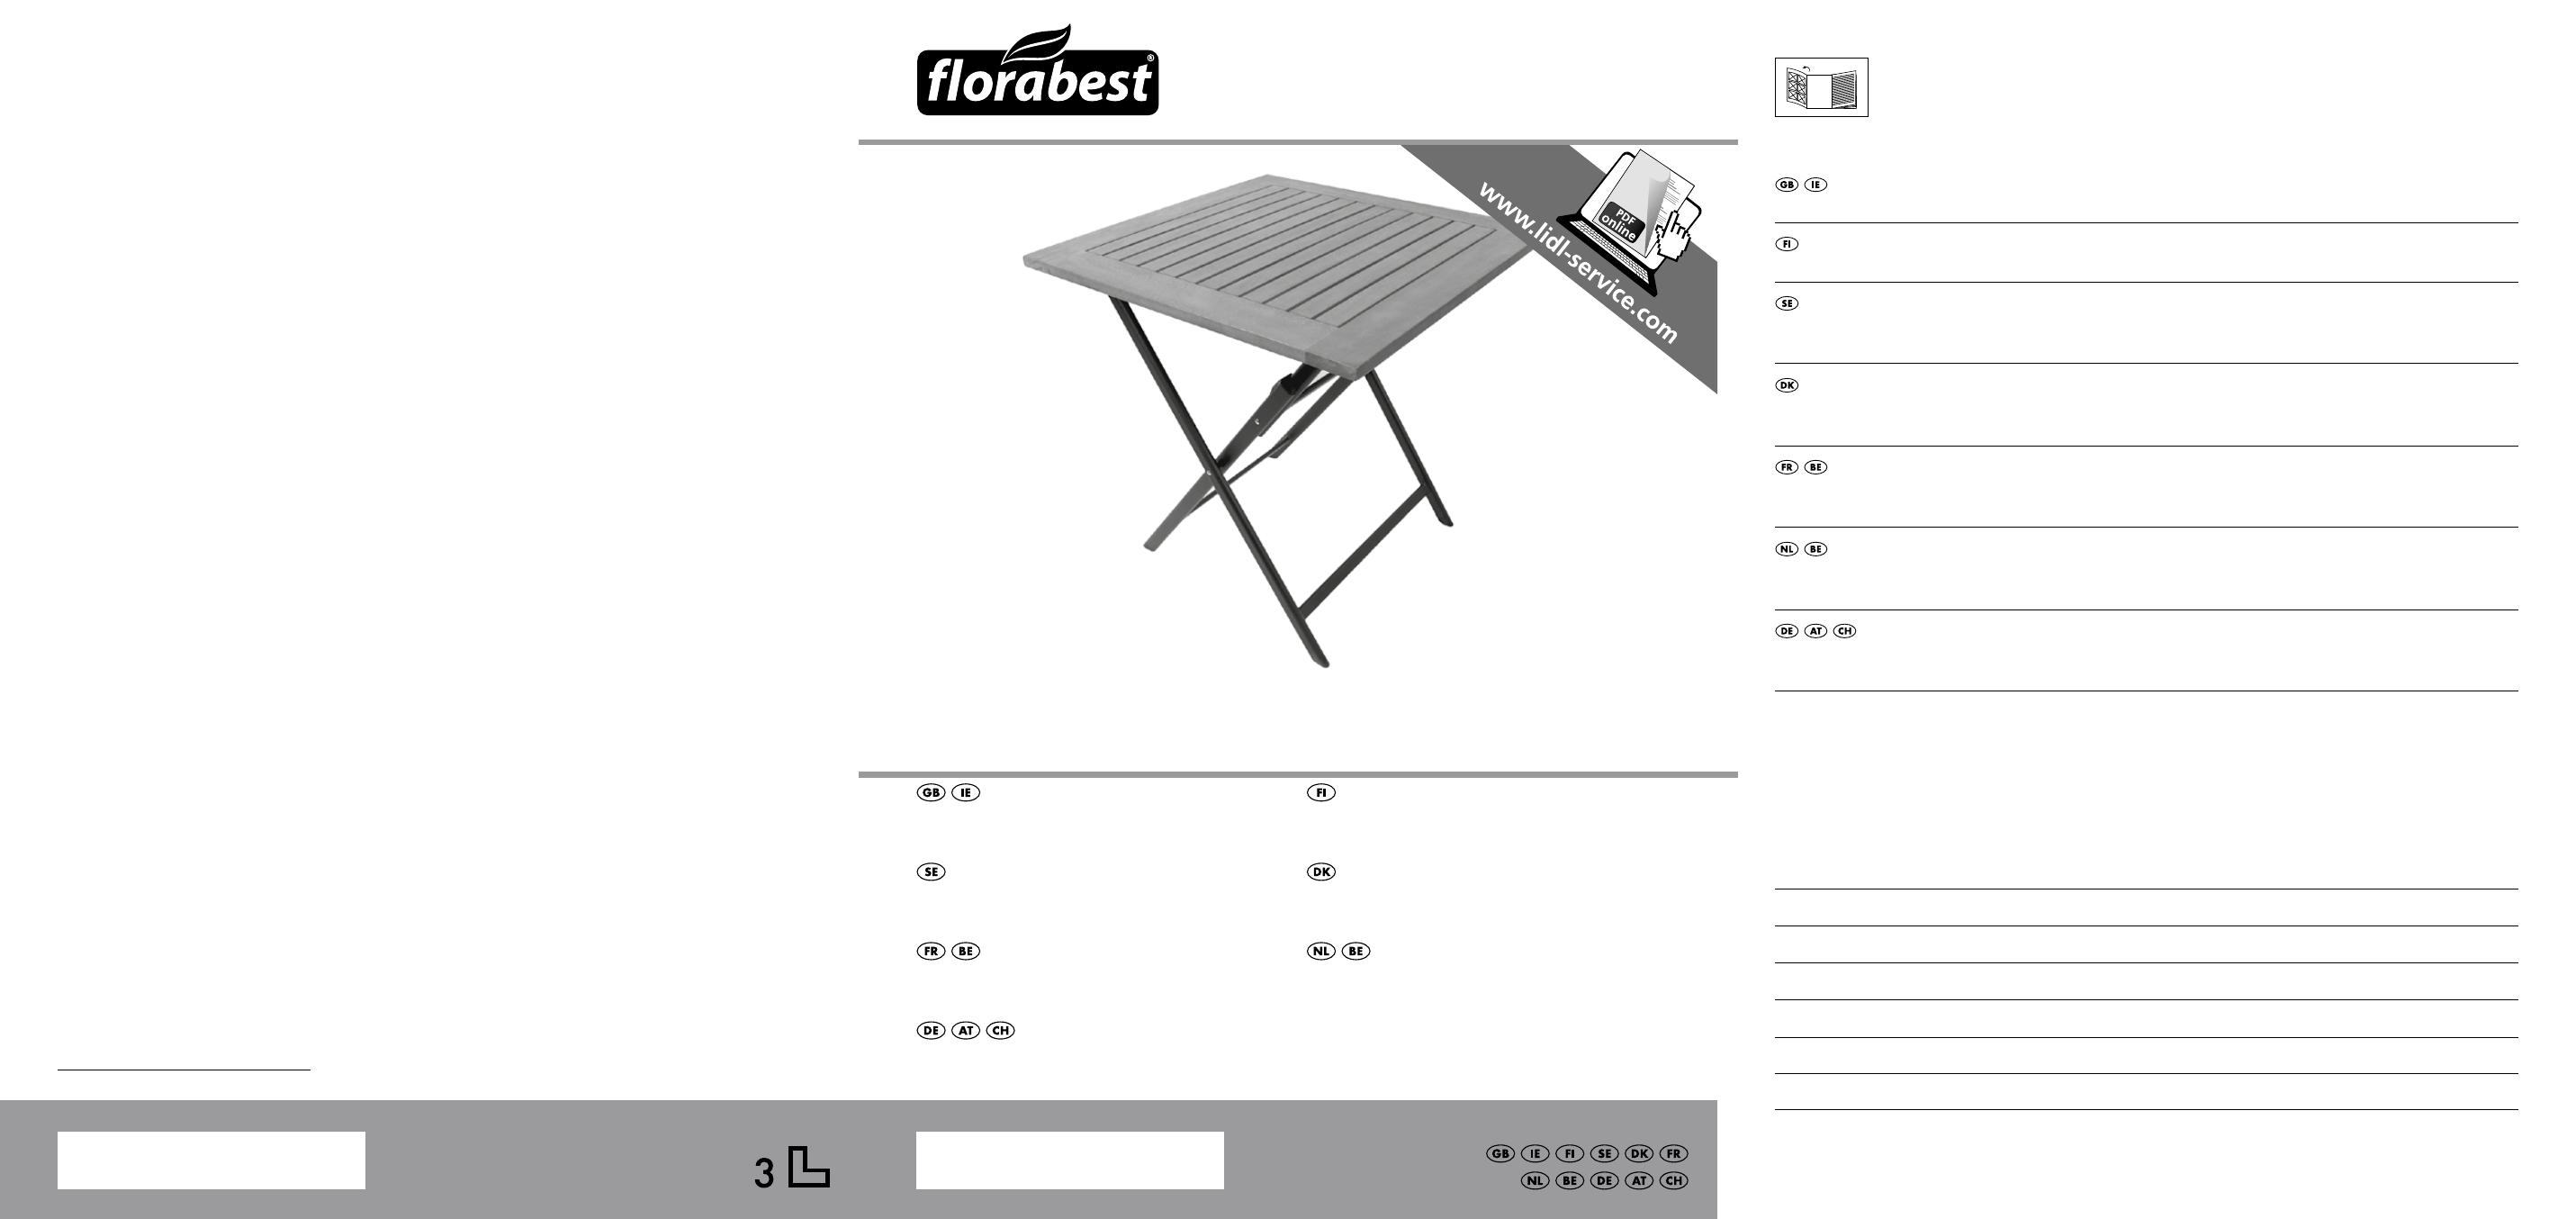 Florabest KT-2070 User Manual | 18 pages